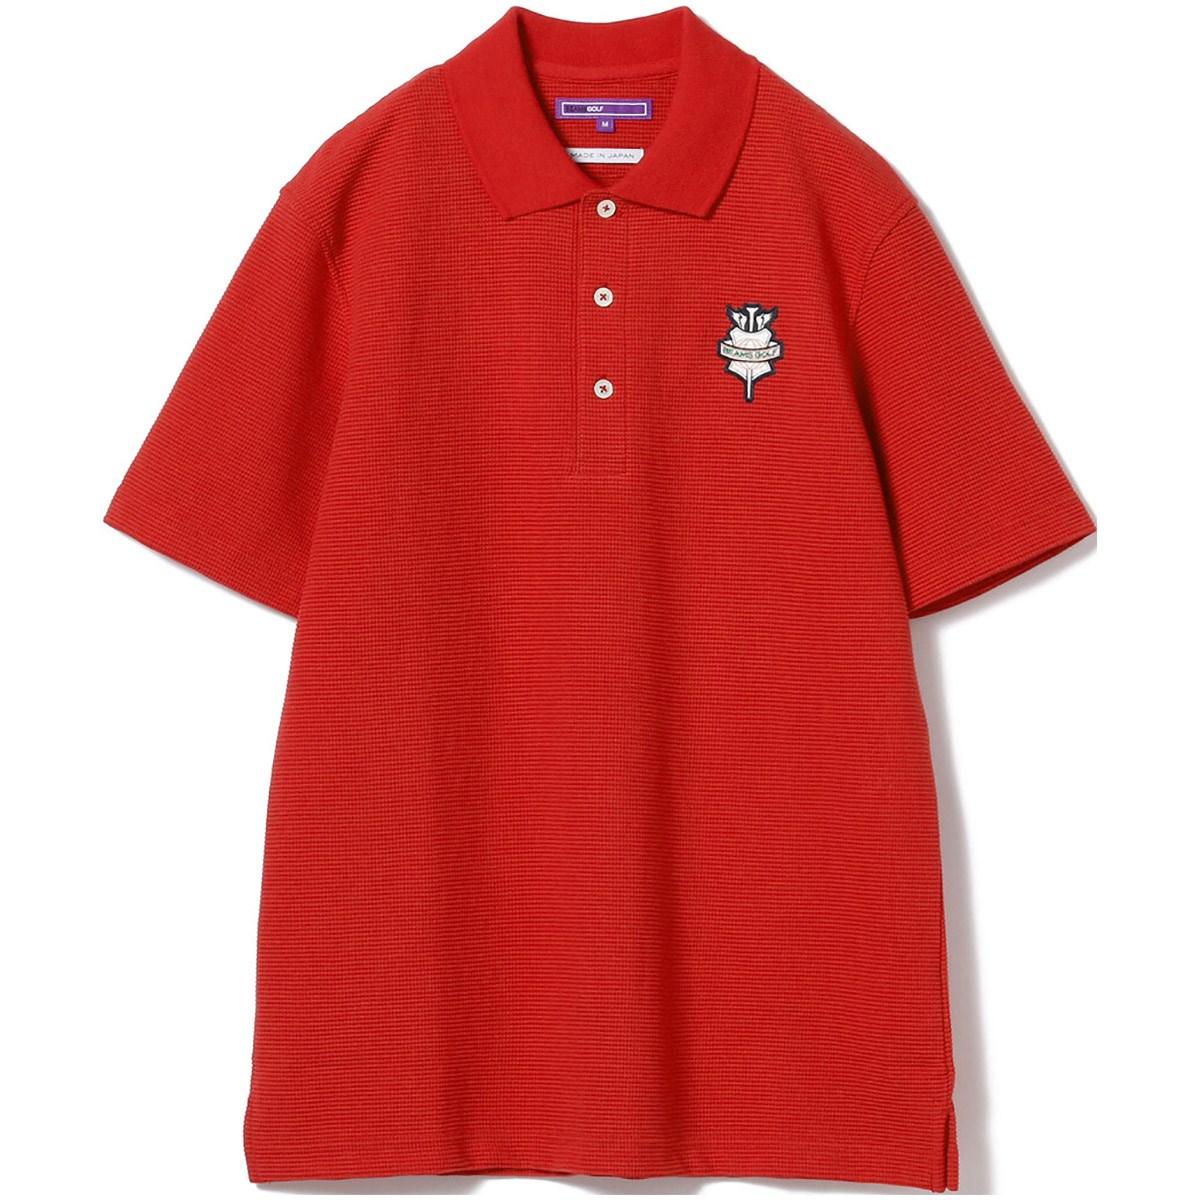 ビームスゴルフ BEAMS GOLF PURPLE LABEL ルーフニット ポロシャツ